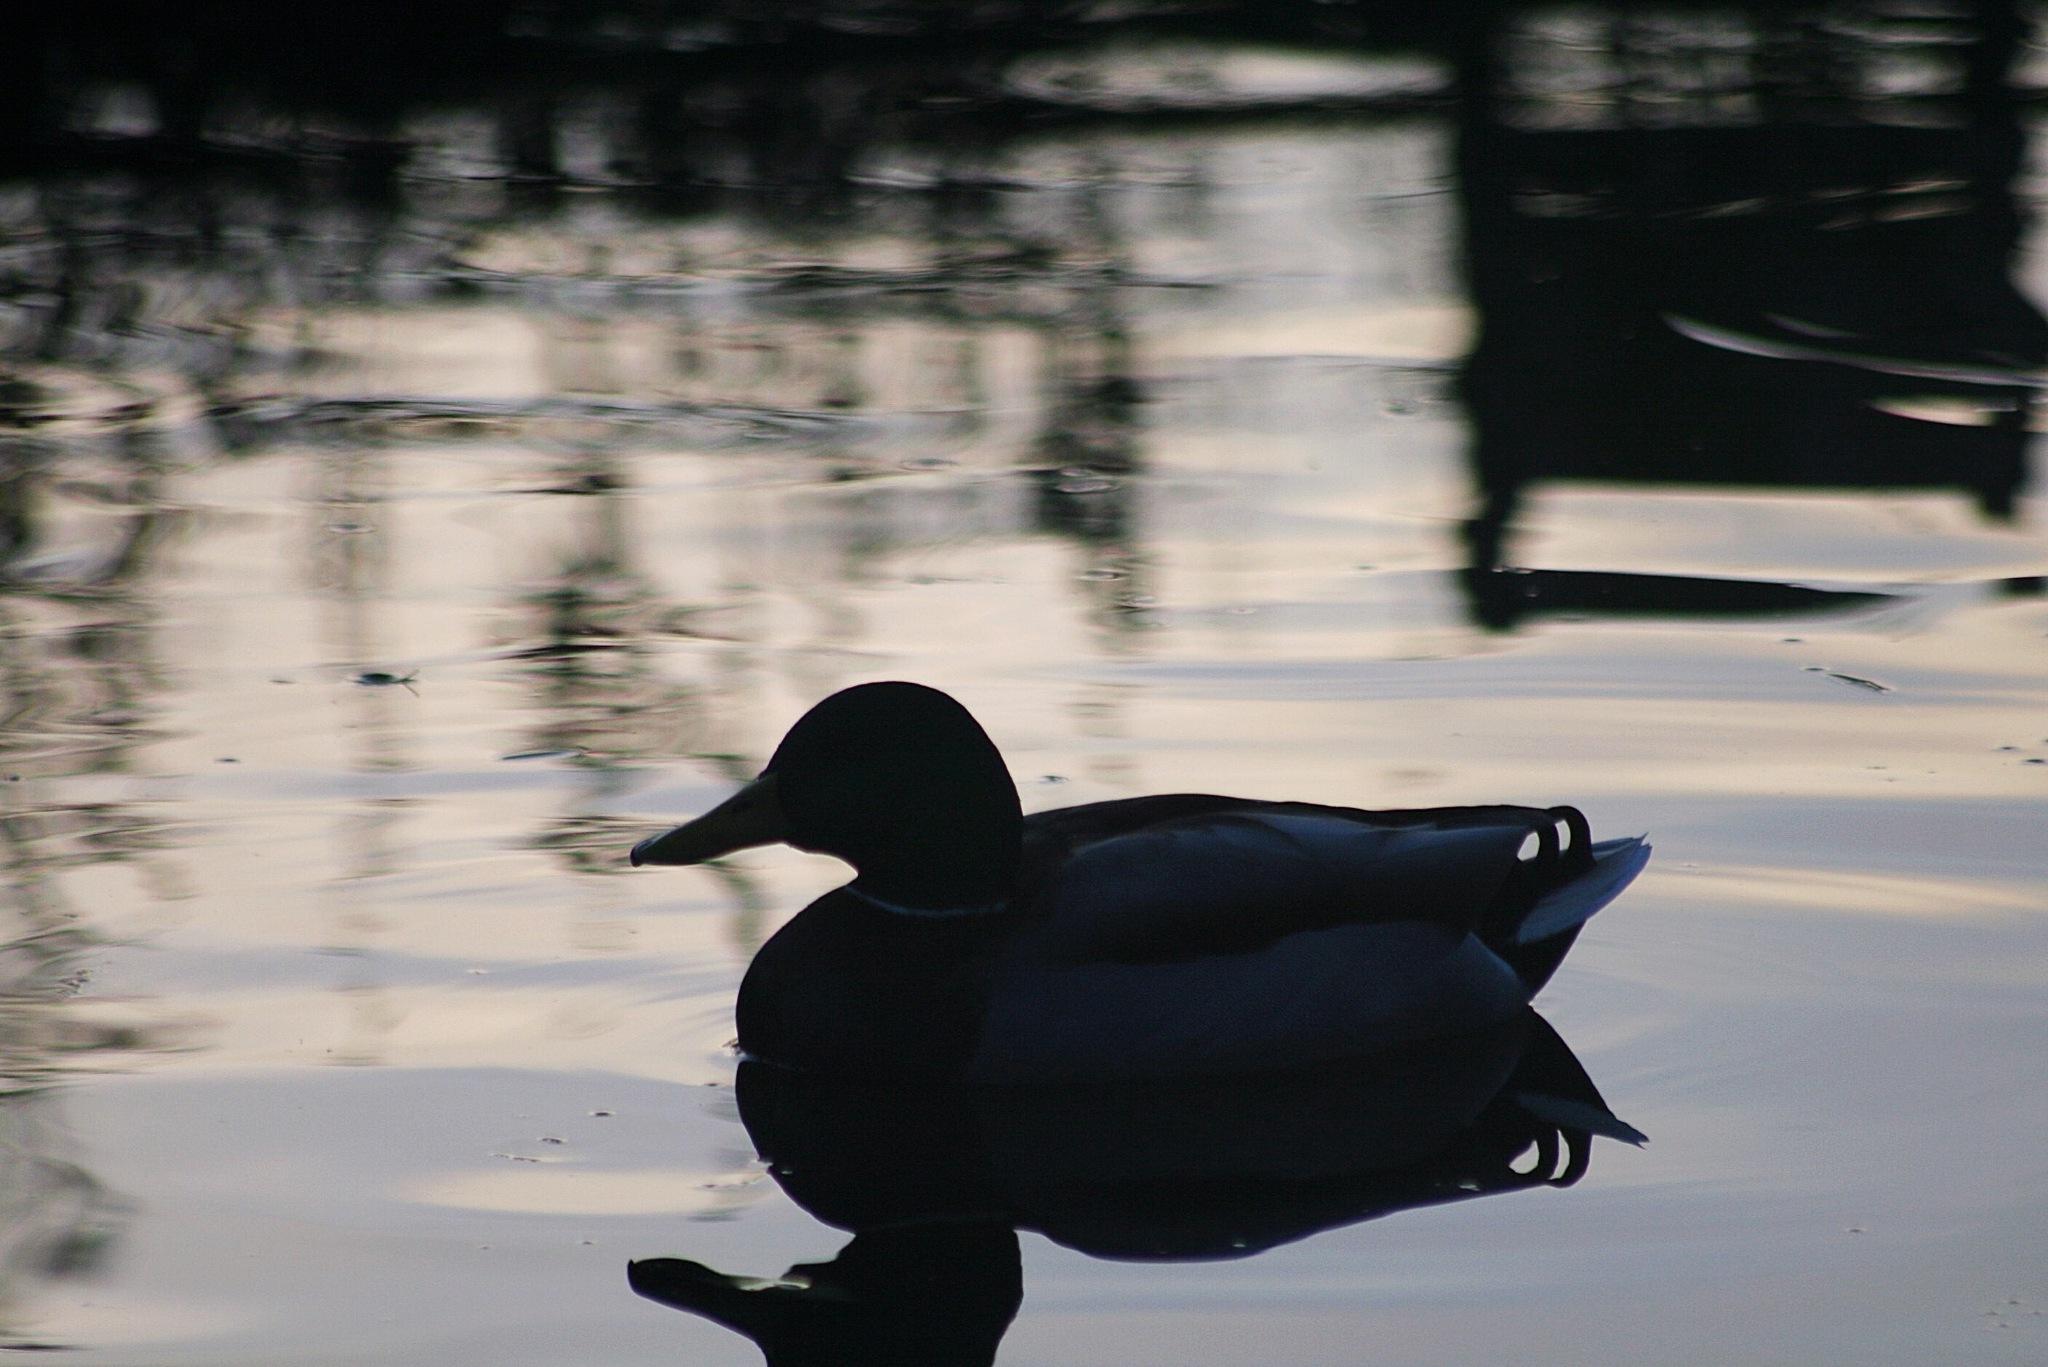 Mallard on the canal  by Gaz Williams